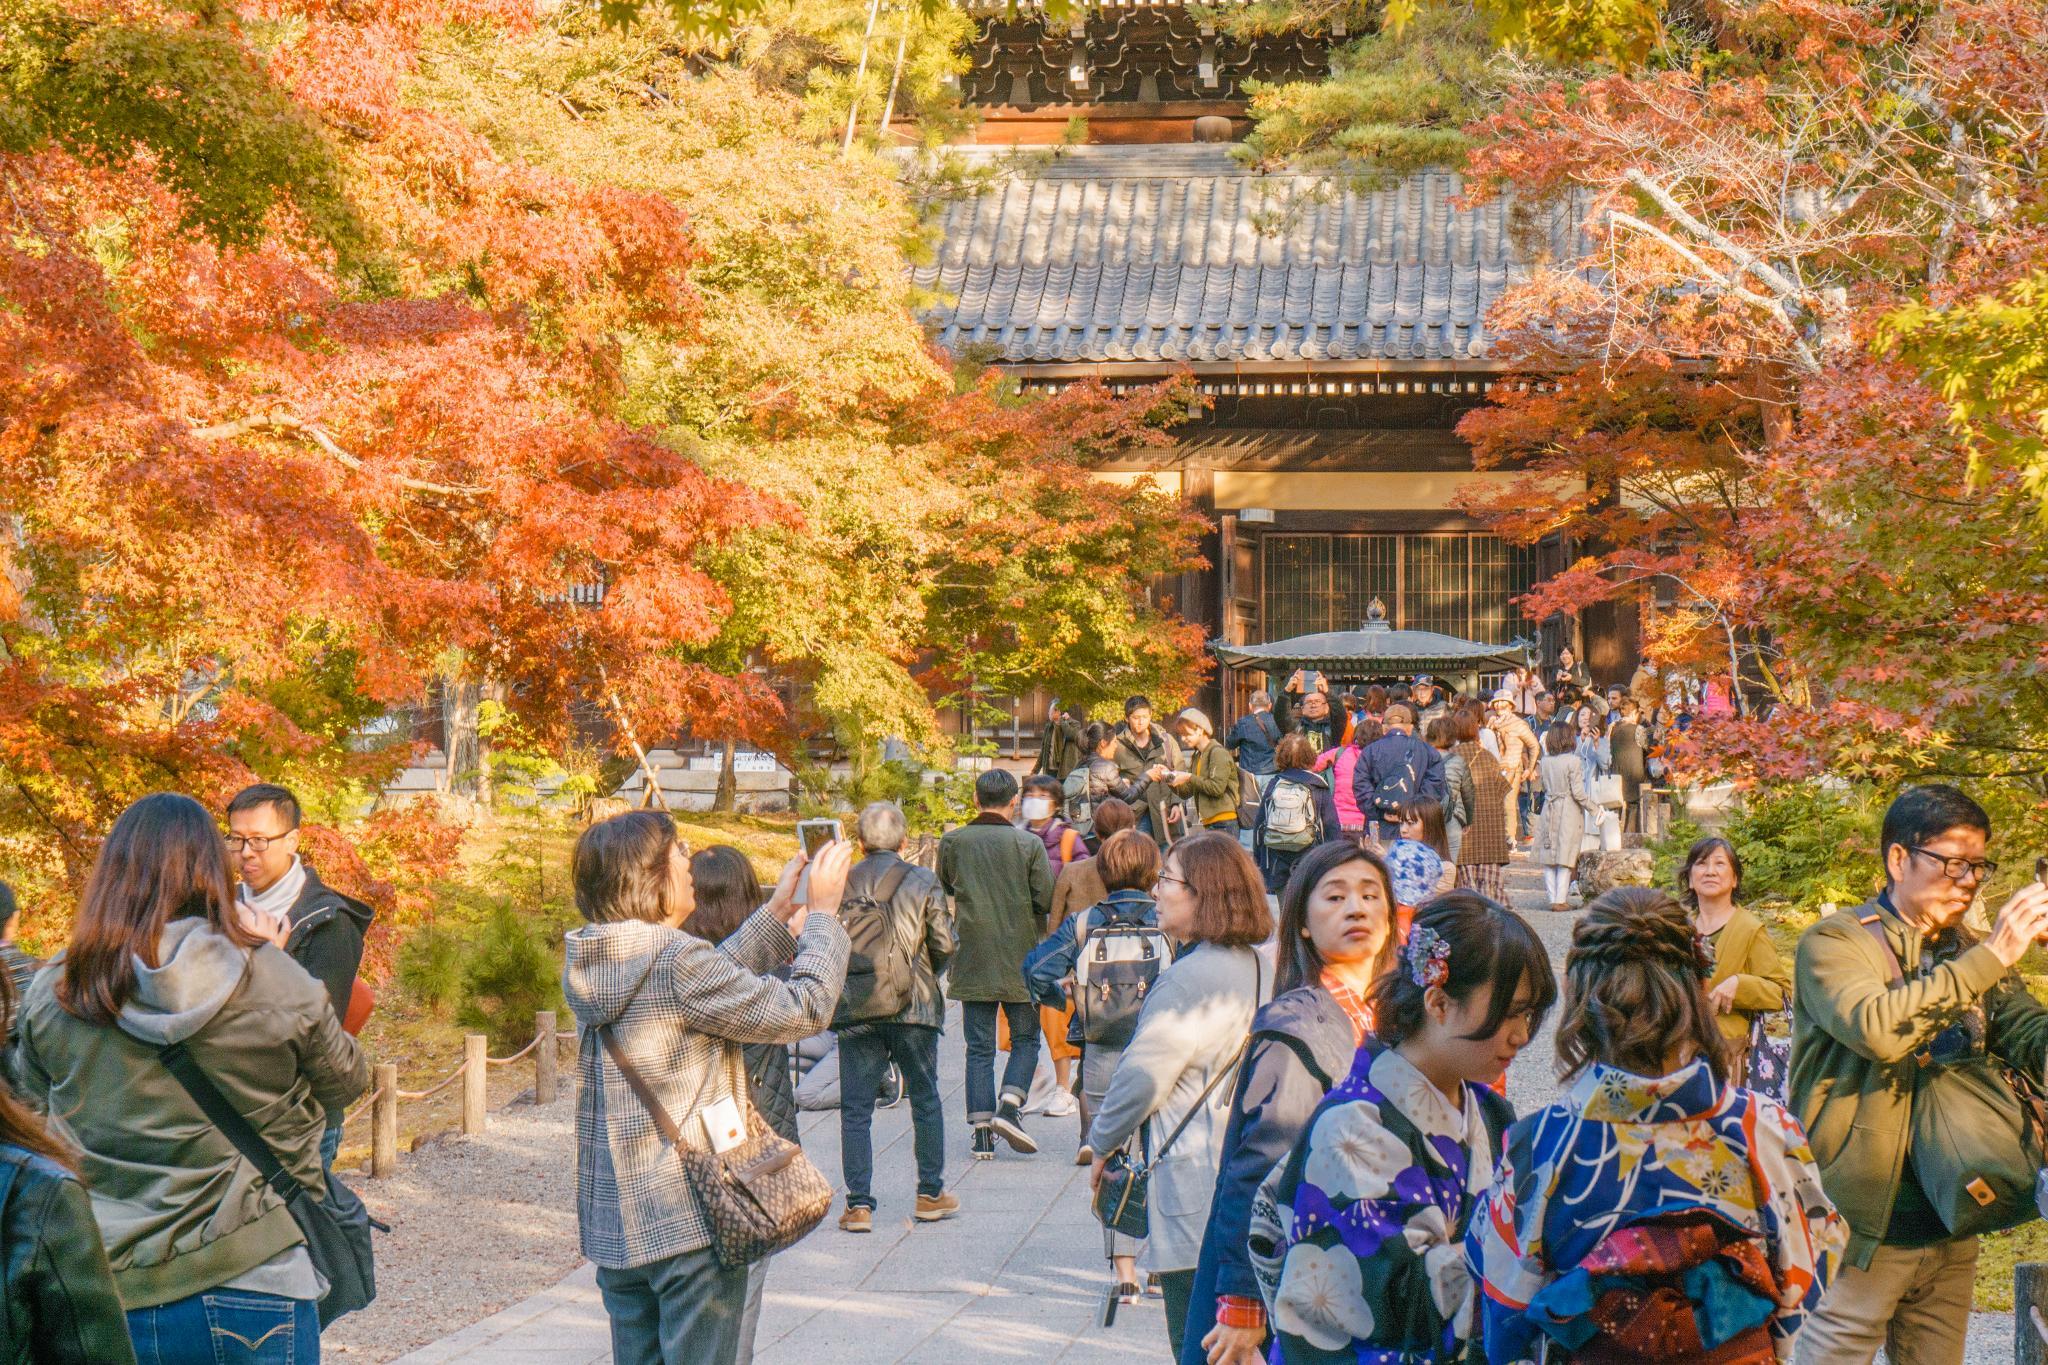 【京都】秋光葉影的古寺散策 - 南禪寺 83